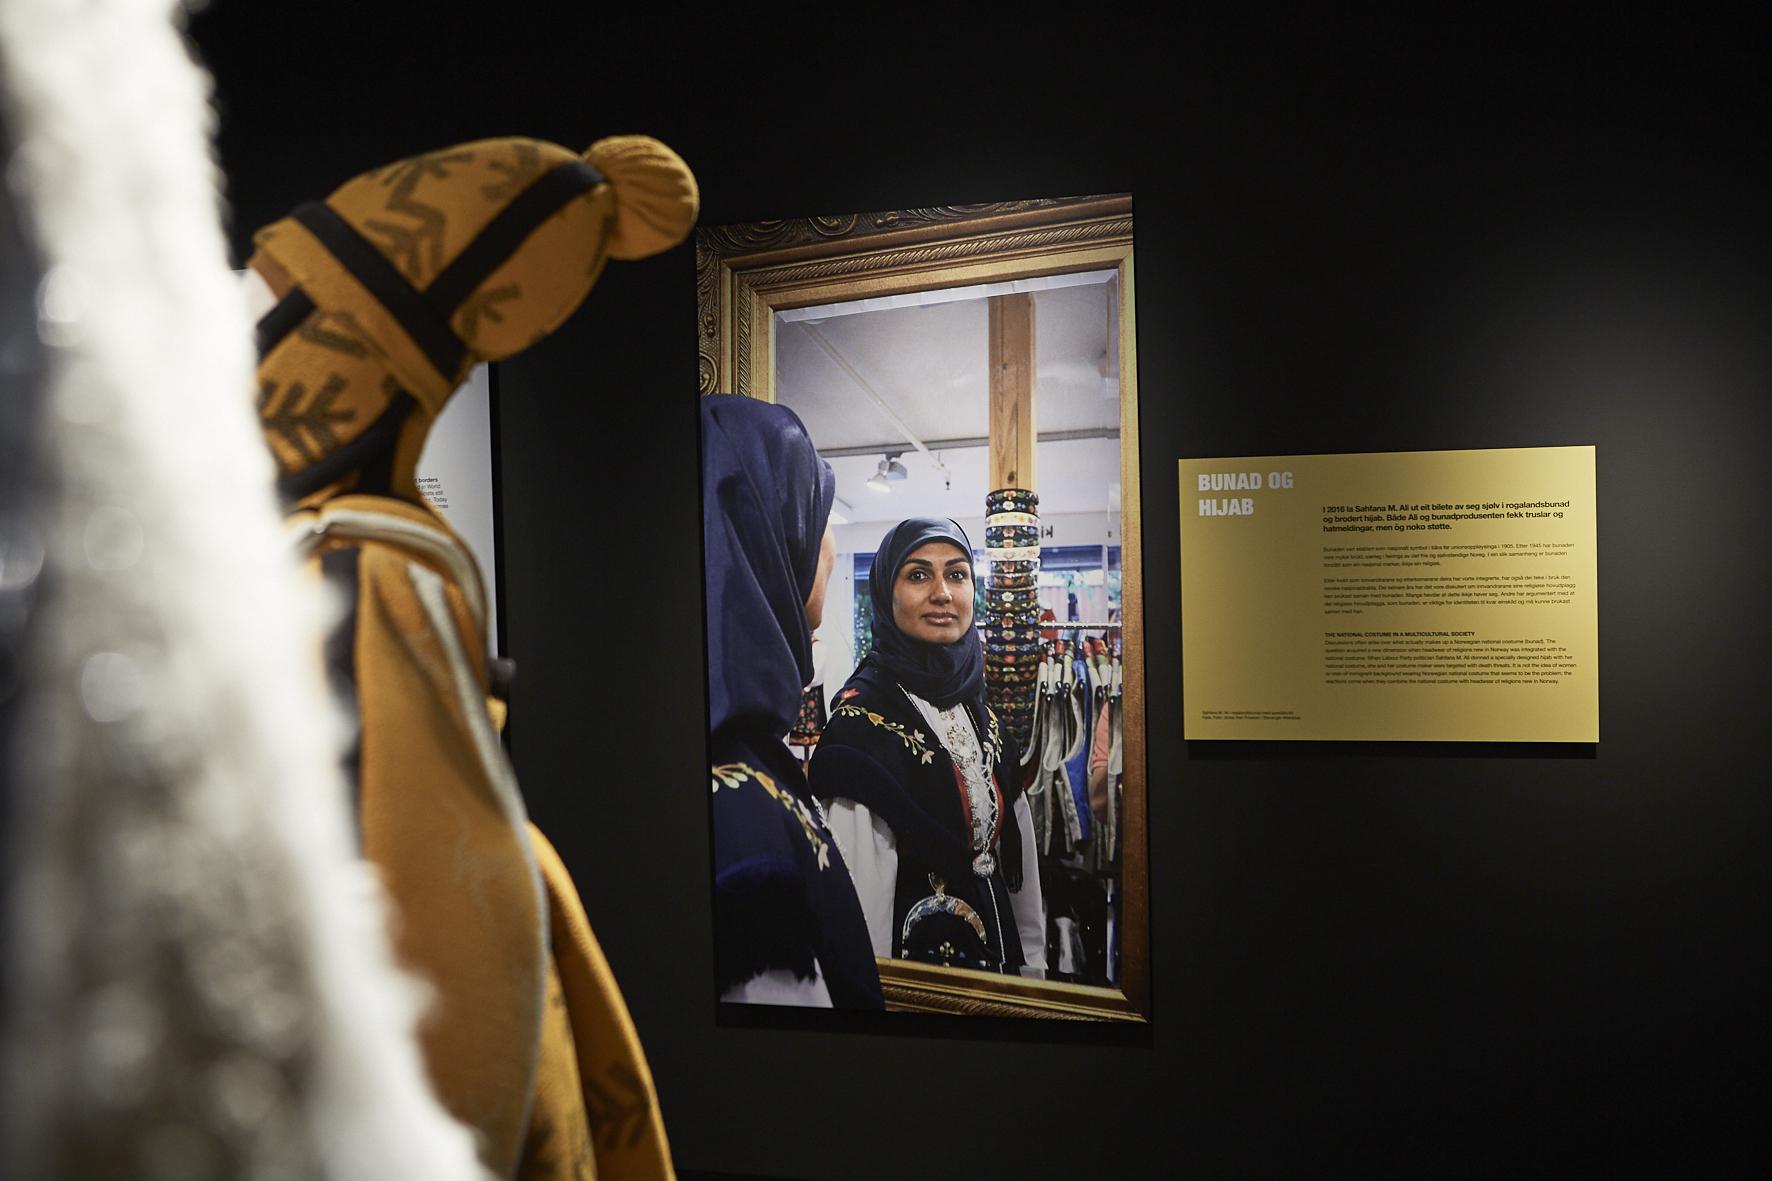 HIJAB: I 2016 ble Sahfana M. Ali fra Stavanger rikskjent fordi hun hadde fått spesialsydd en hijab til rogalandsbunaden sin. Meningene var svært delte. I forgrunnen sees en vette fra OL 94. FOTO: Velour Beitohaugen